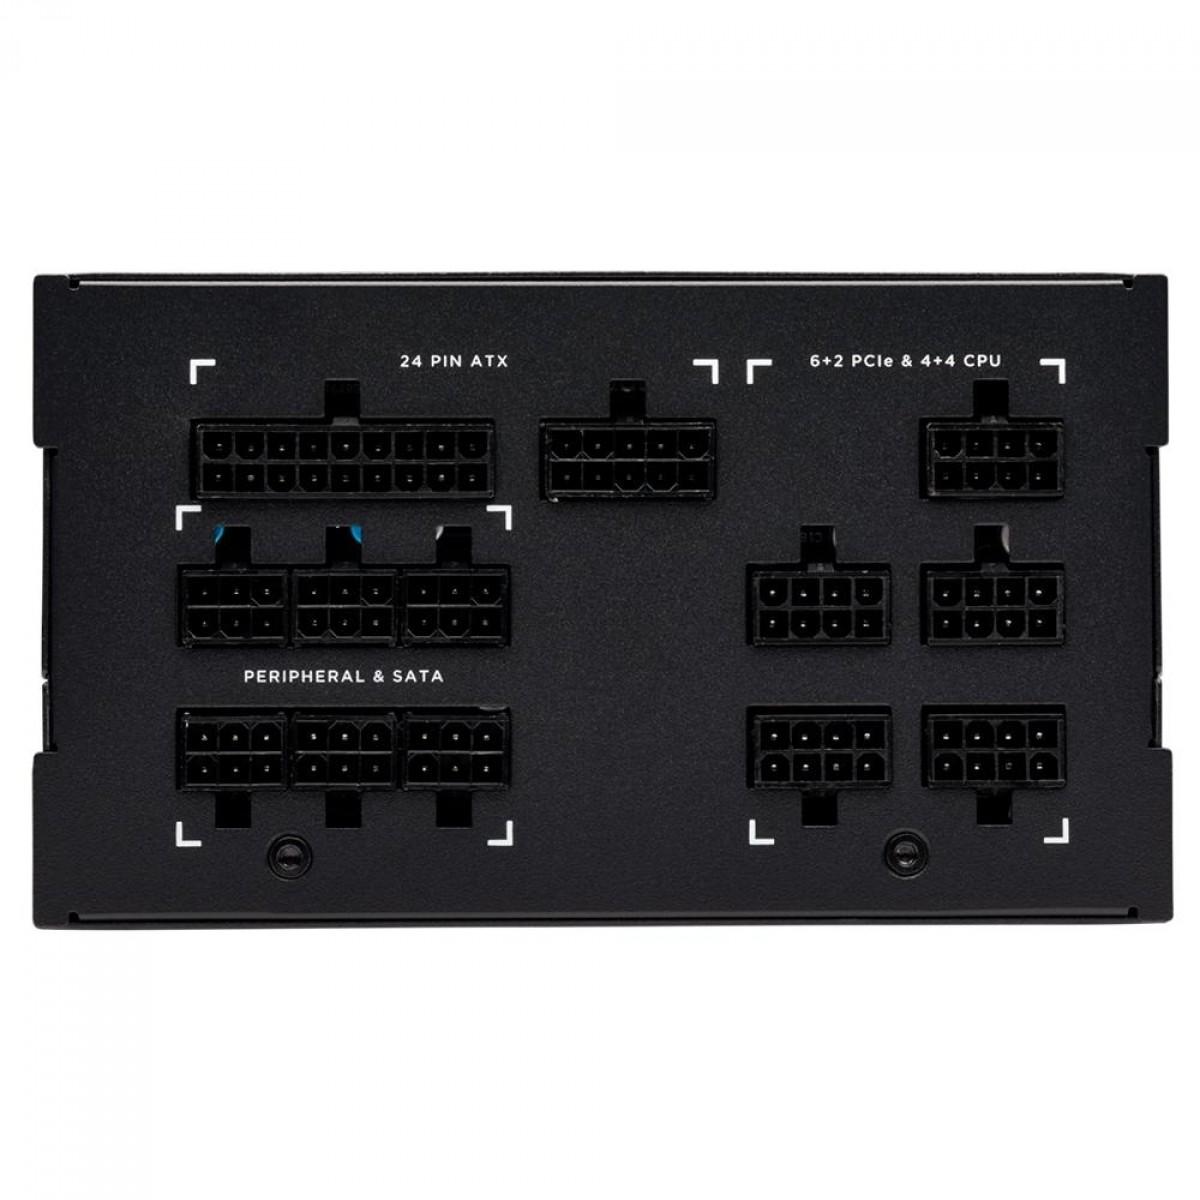 Fonte Corsair AX850, 850W, 80 Plus Titanium, PFC Ativo, Full Modular, Black, CP-9020151-WW